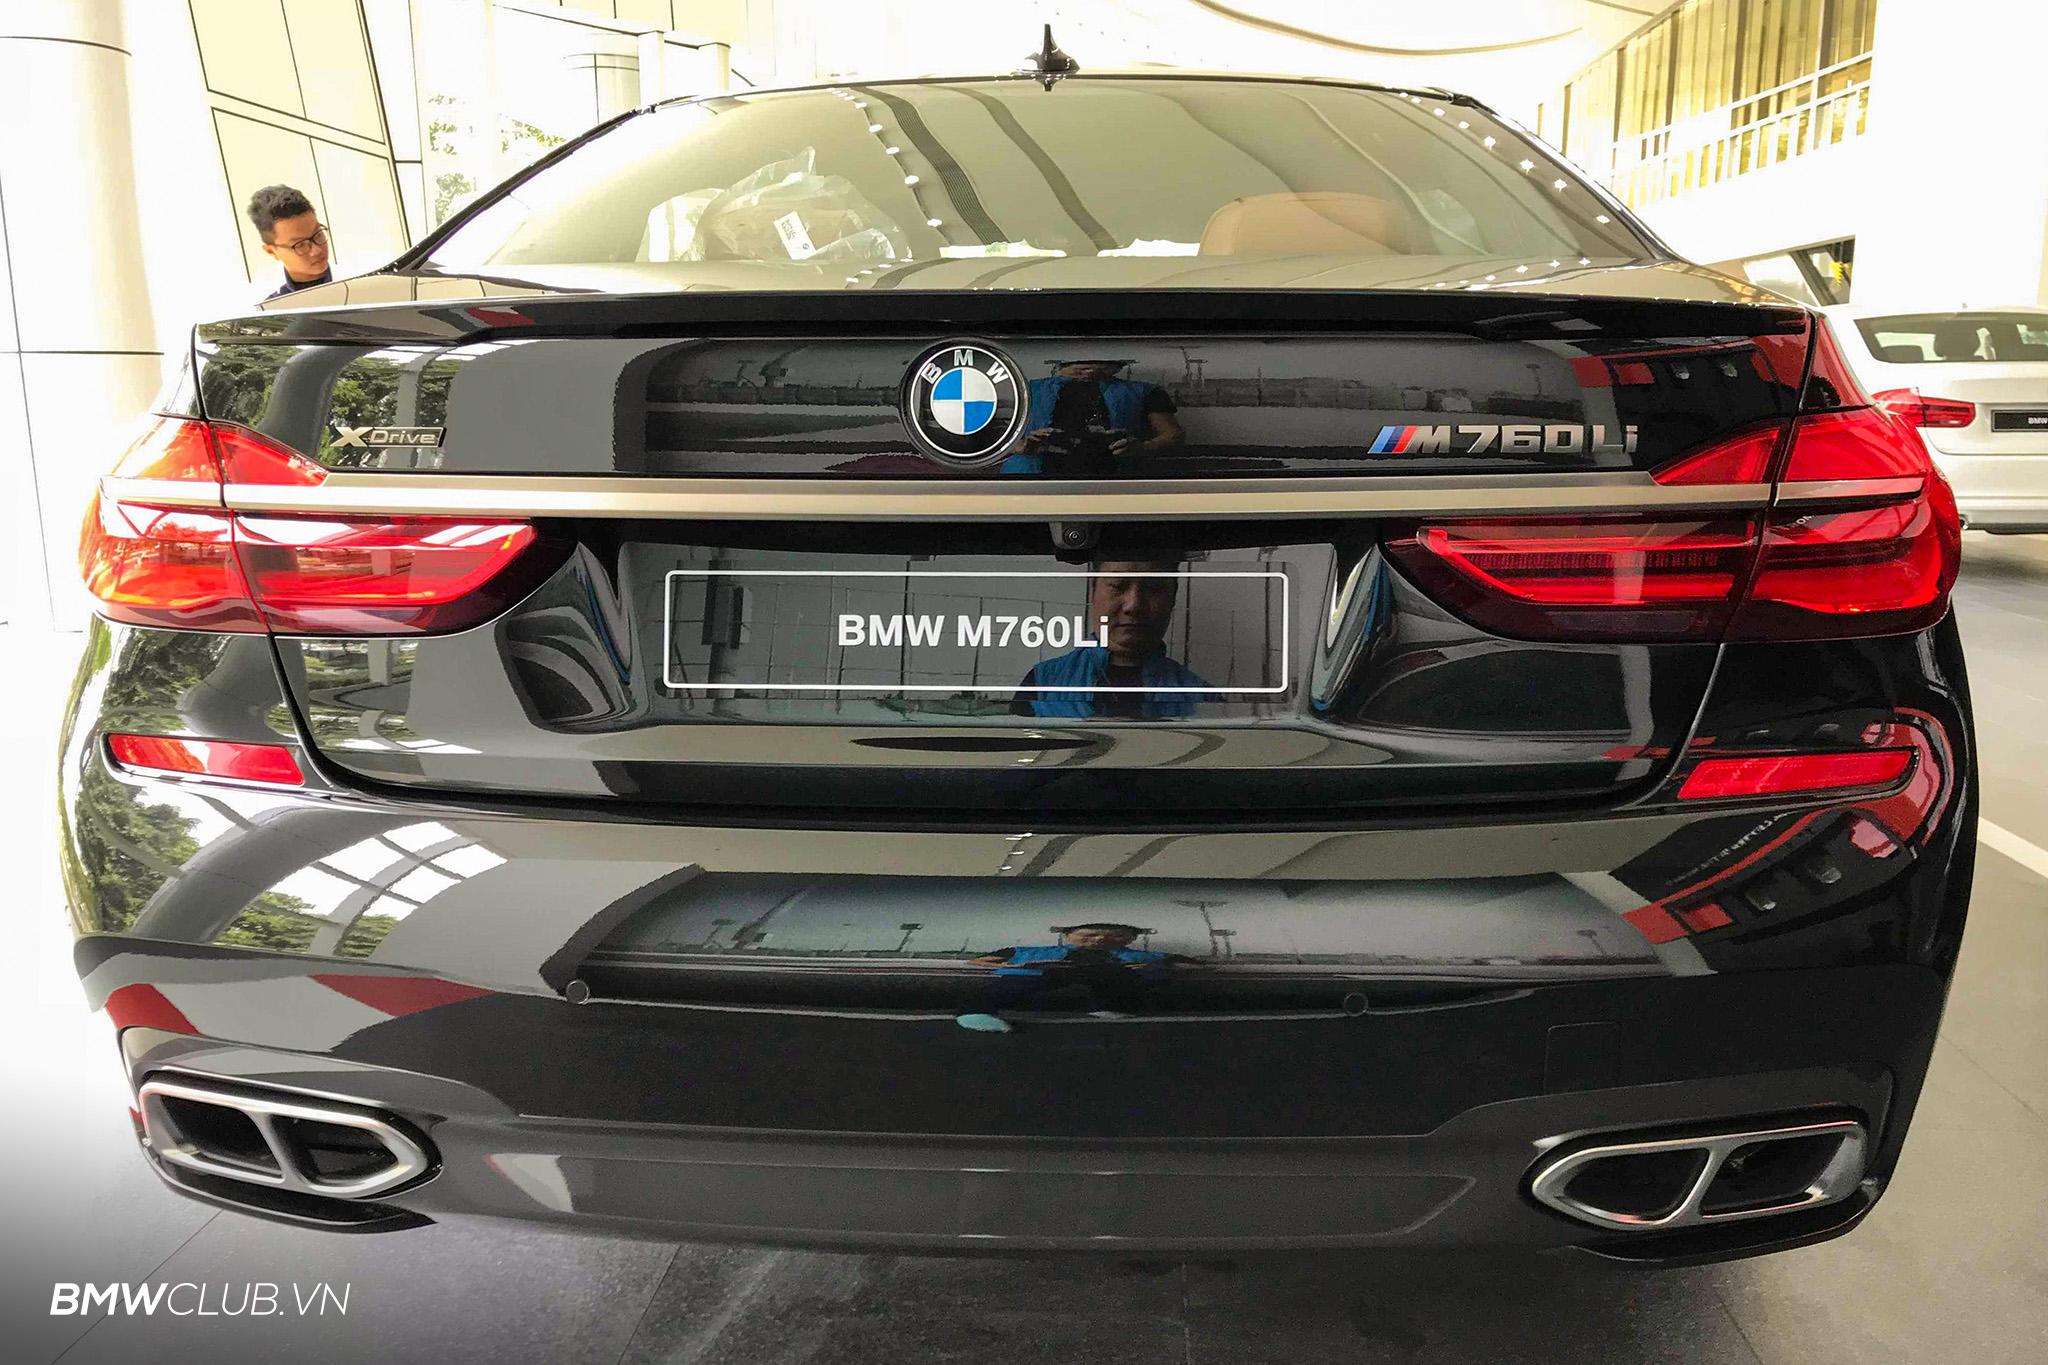 bmw-m760li-autodaily-50745338-298510374139211-6446868807490207744-n.jpg